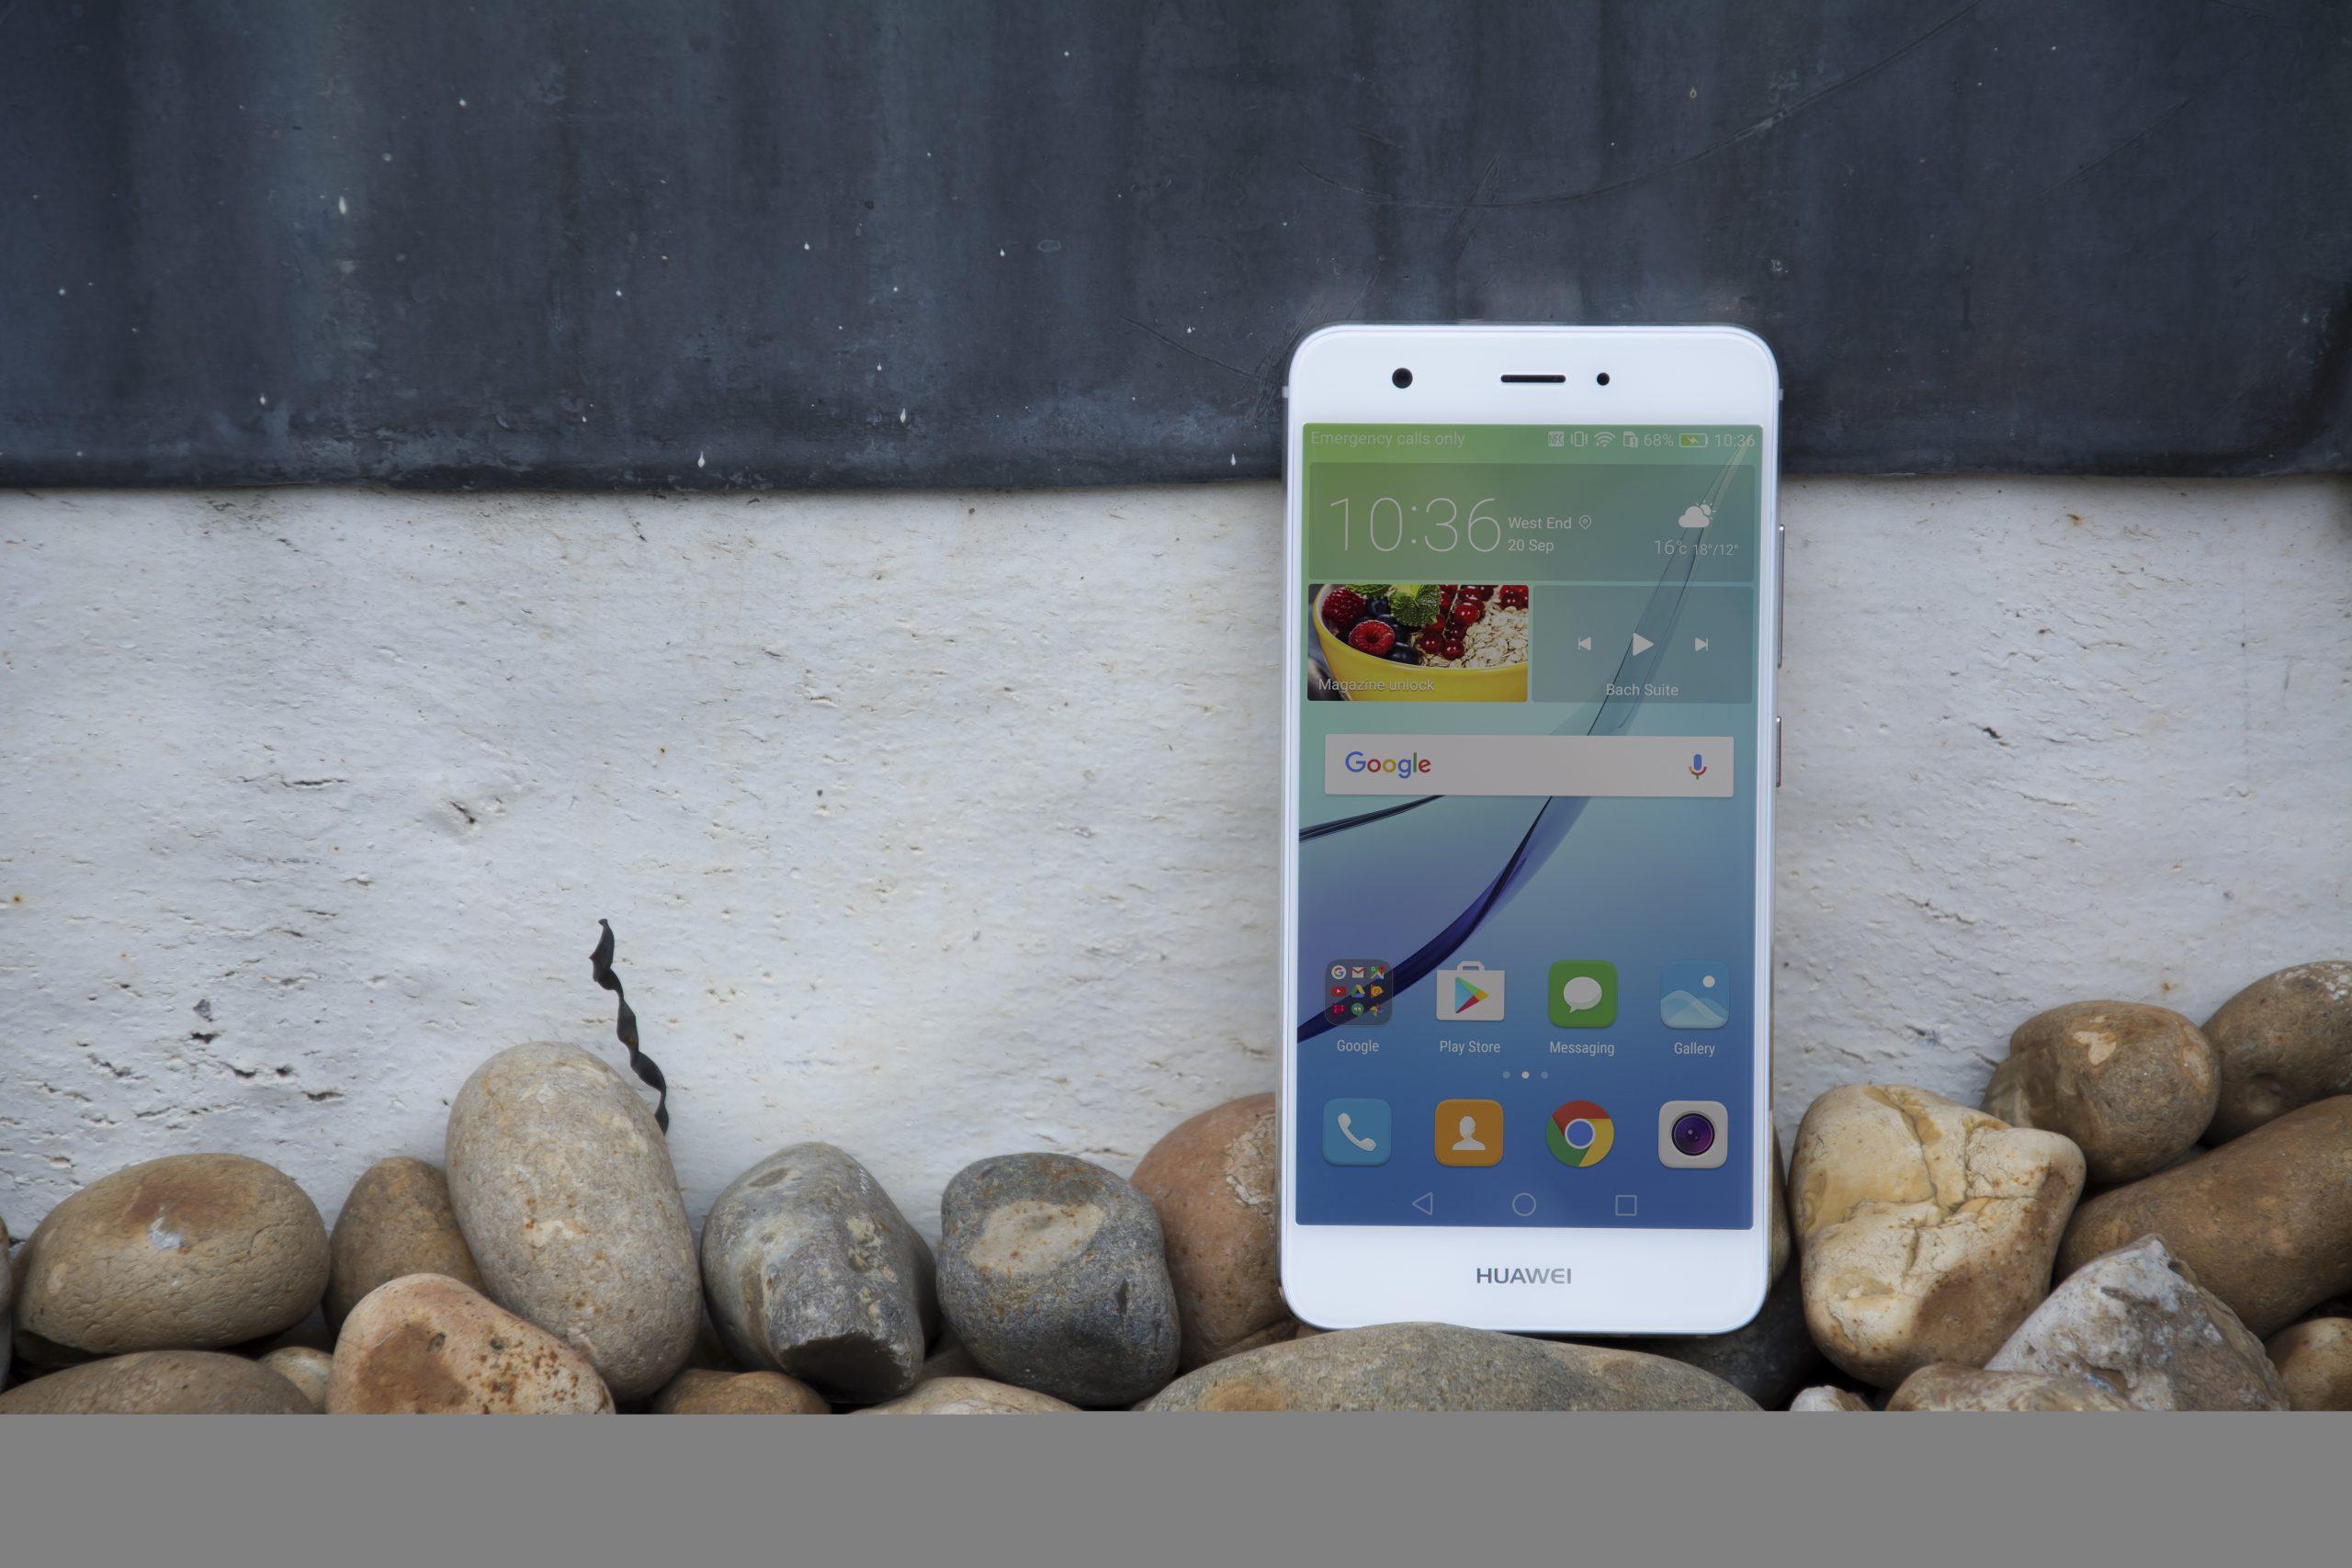 Avaliação do Huawei Nova: A OnePlus 3 assassino?  Não exatamente